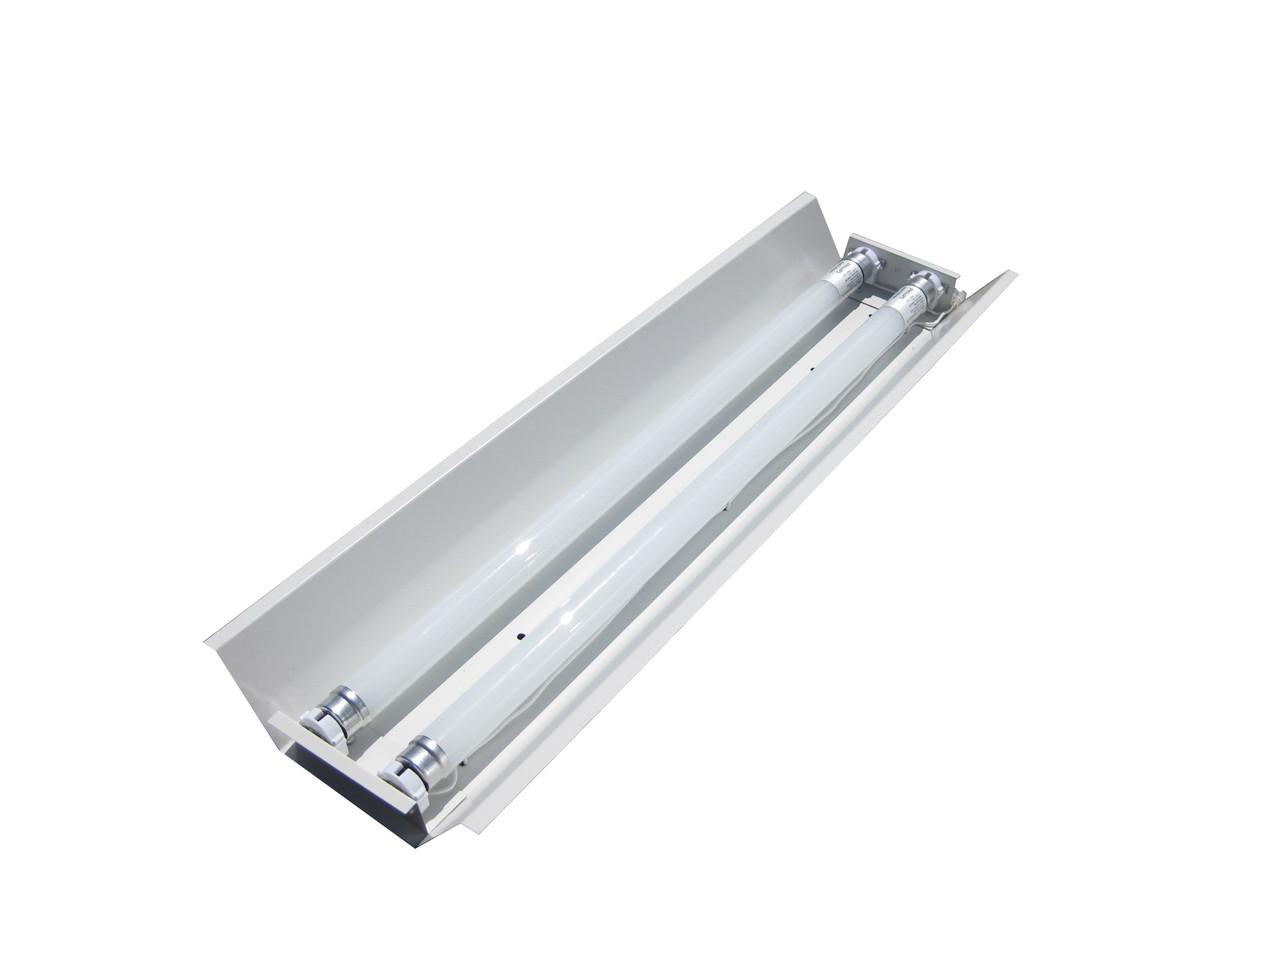 Світильник відкритий під дві led лампи 60см СПВ 02-600 стандарт MSK Electric